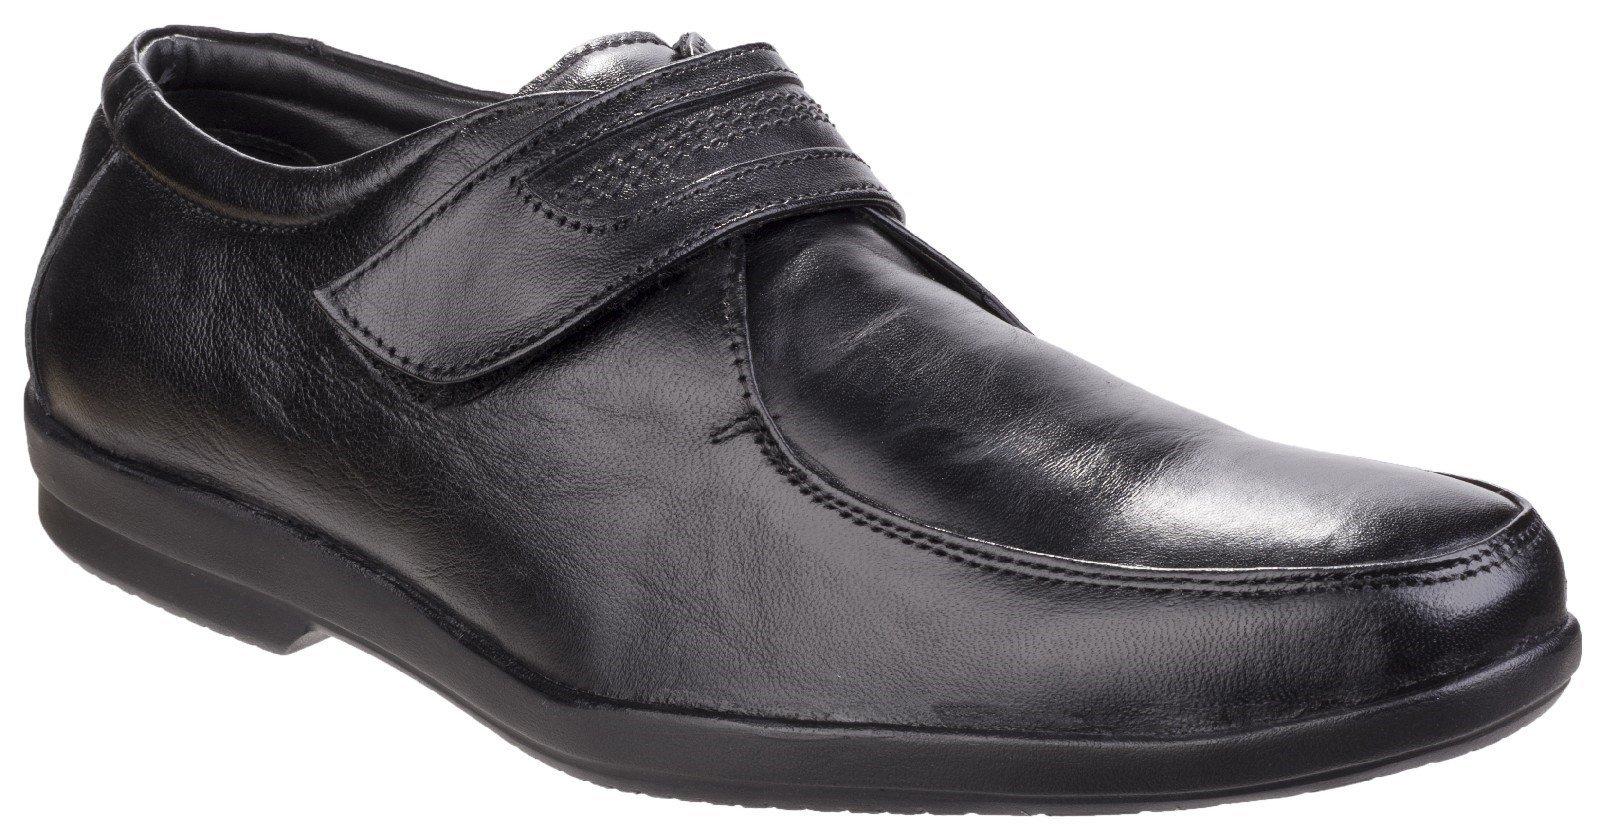 Fleet & Foster Men's Jim Apron Toe Black 24953-41297 - Black 6